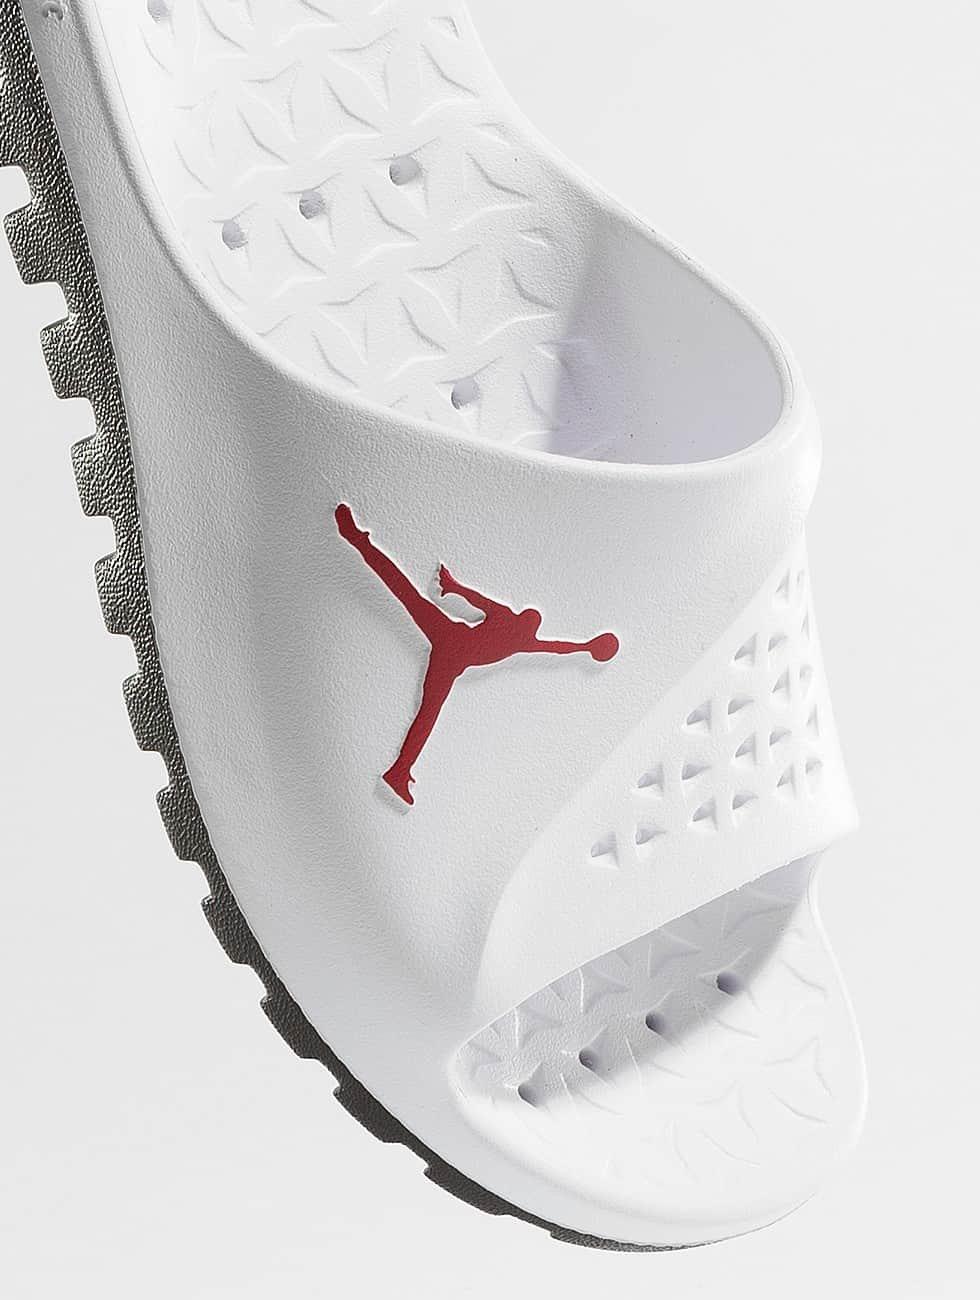 Chaussure Jordan / Pantoufle / Équipe Super.fly Santal Blanc 426377 Sortie À La Recherche De B9GMPdxI9v